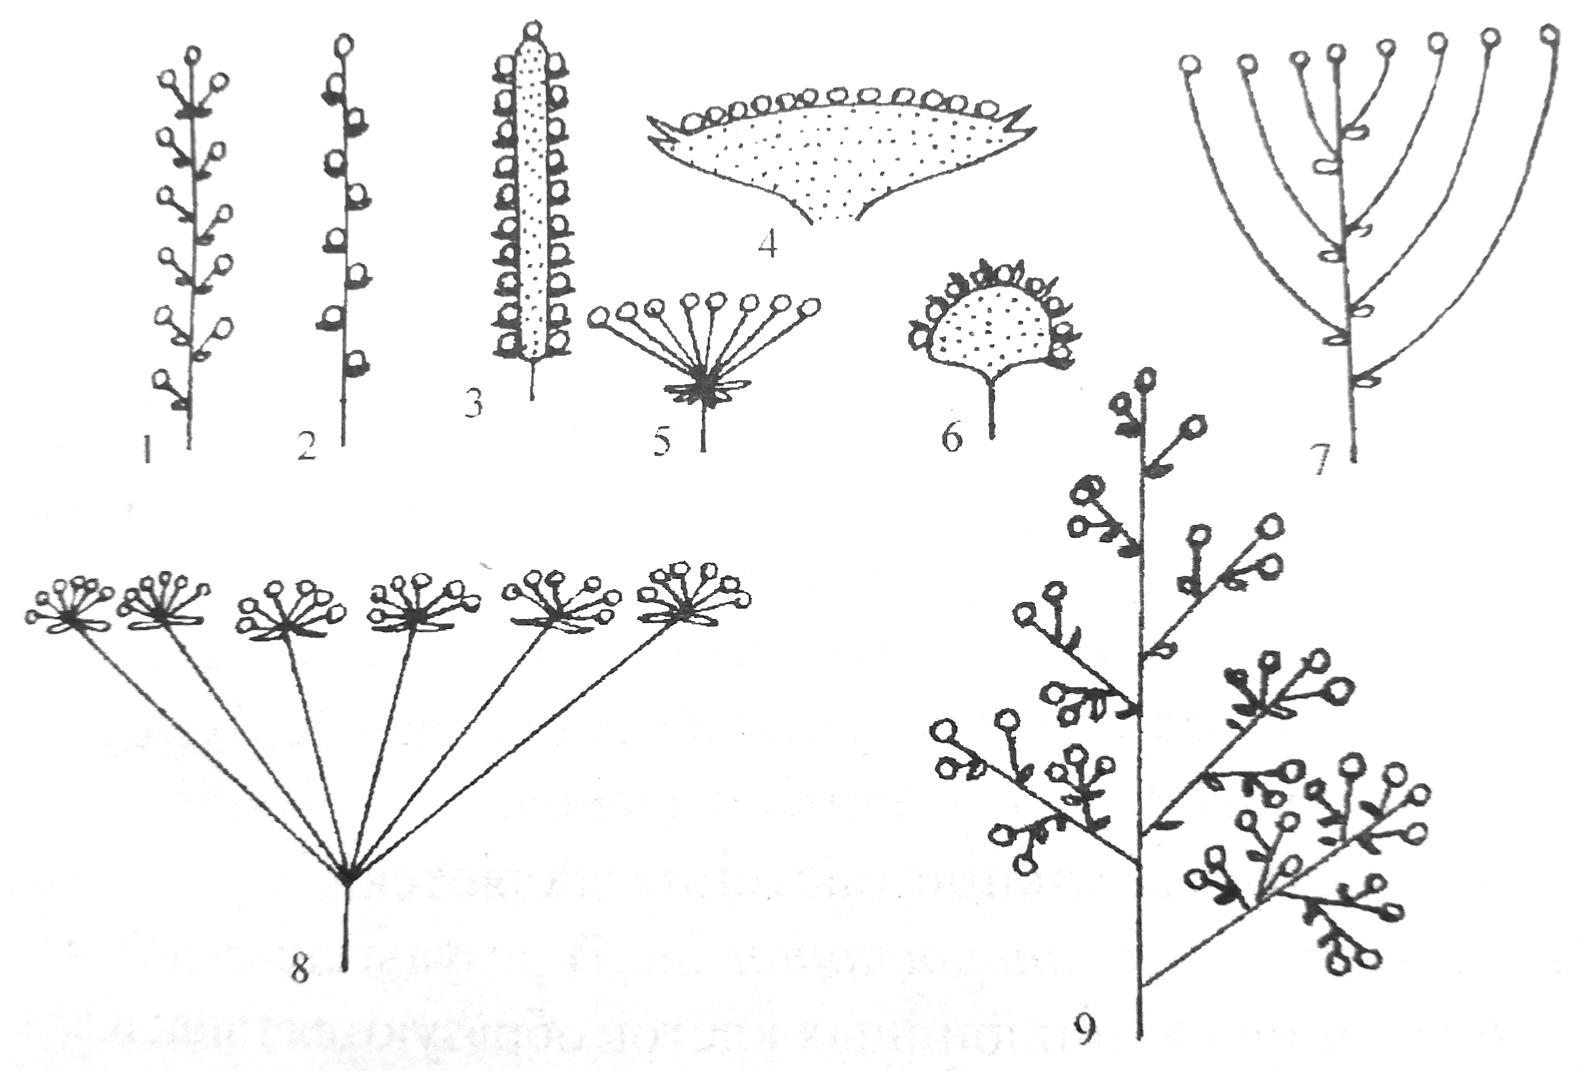 Типы соцветий покрытосеменных растений